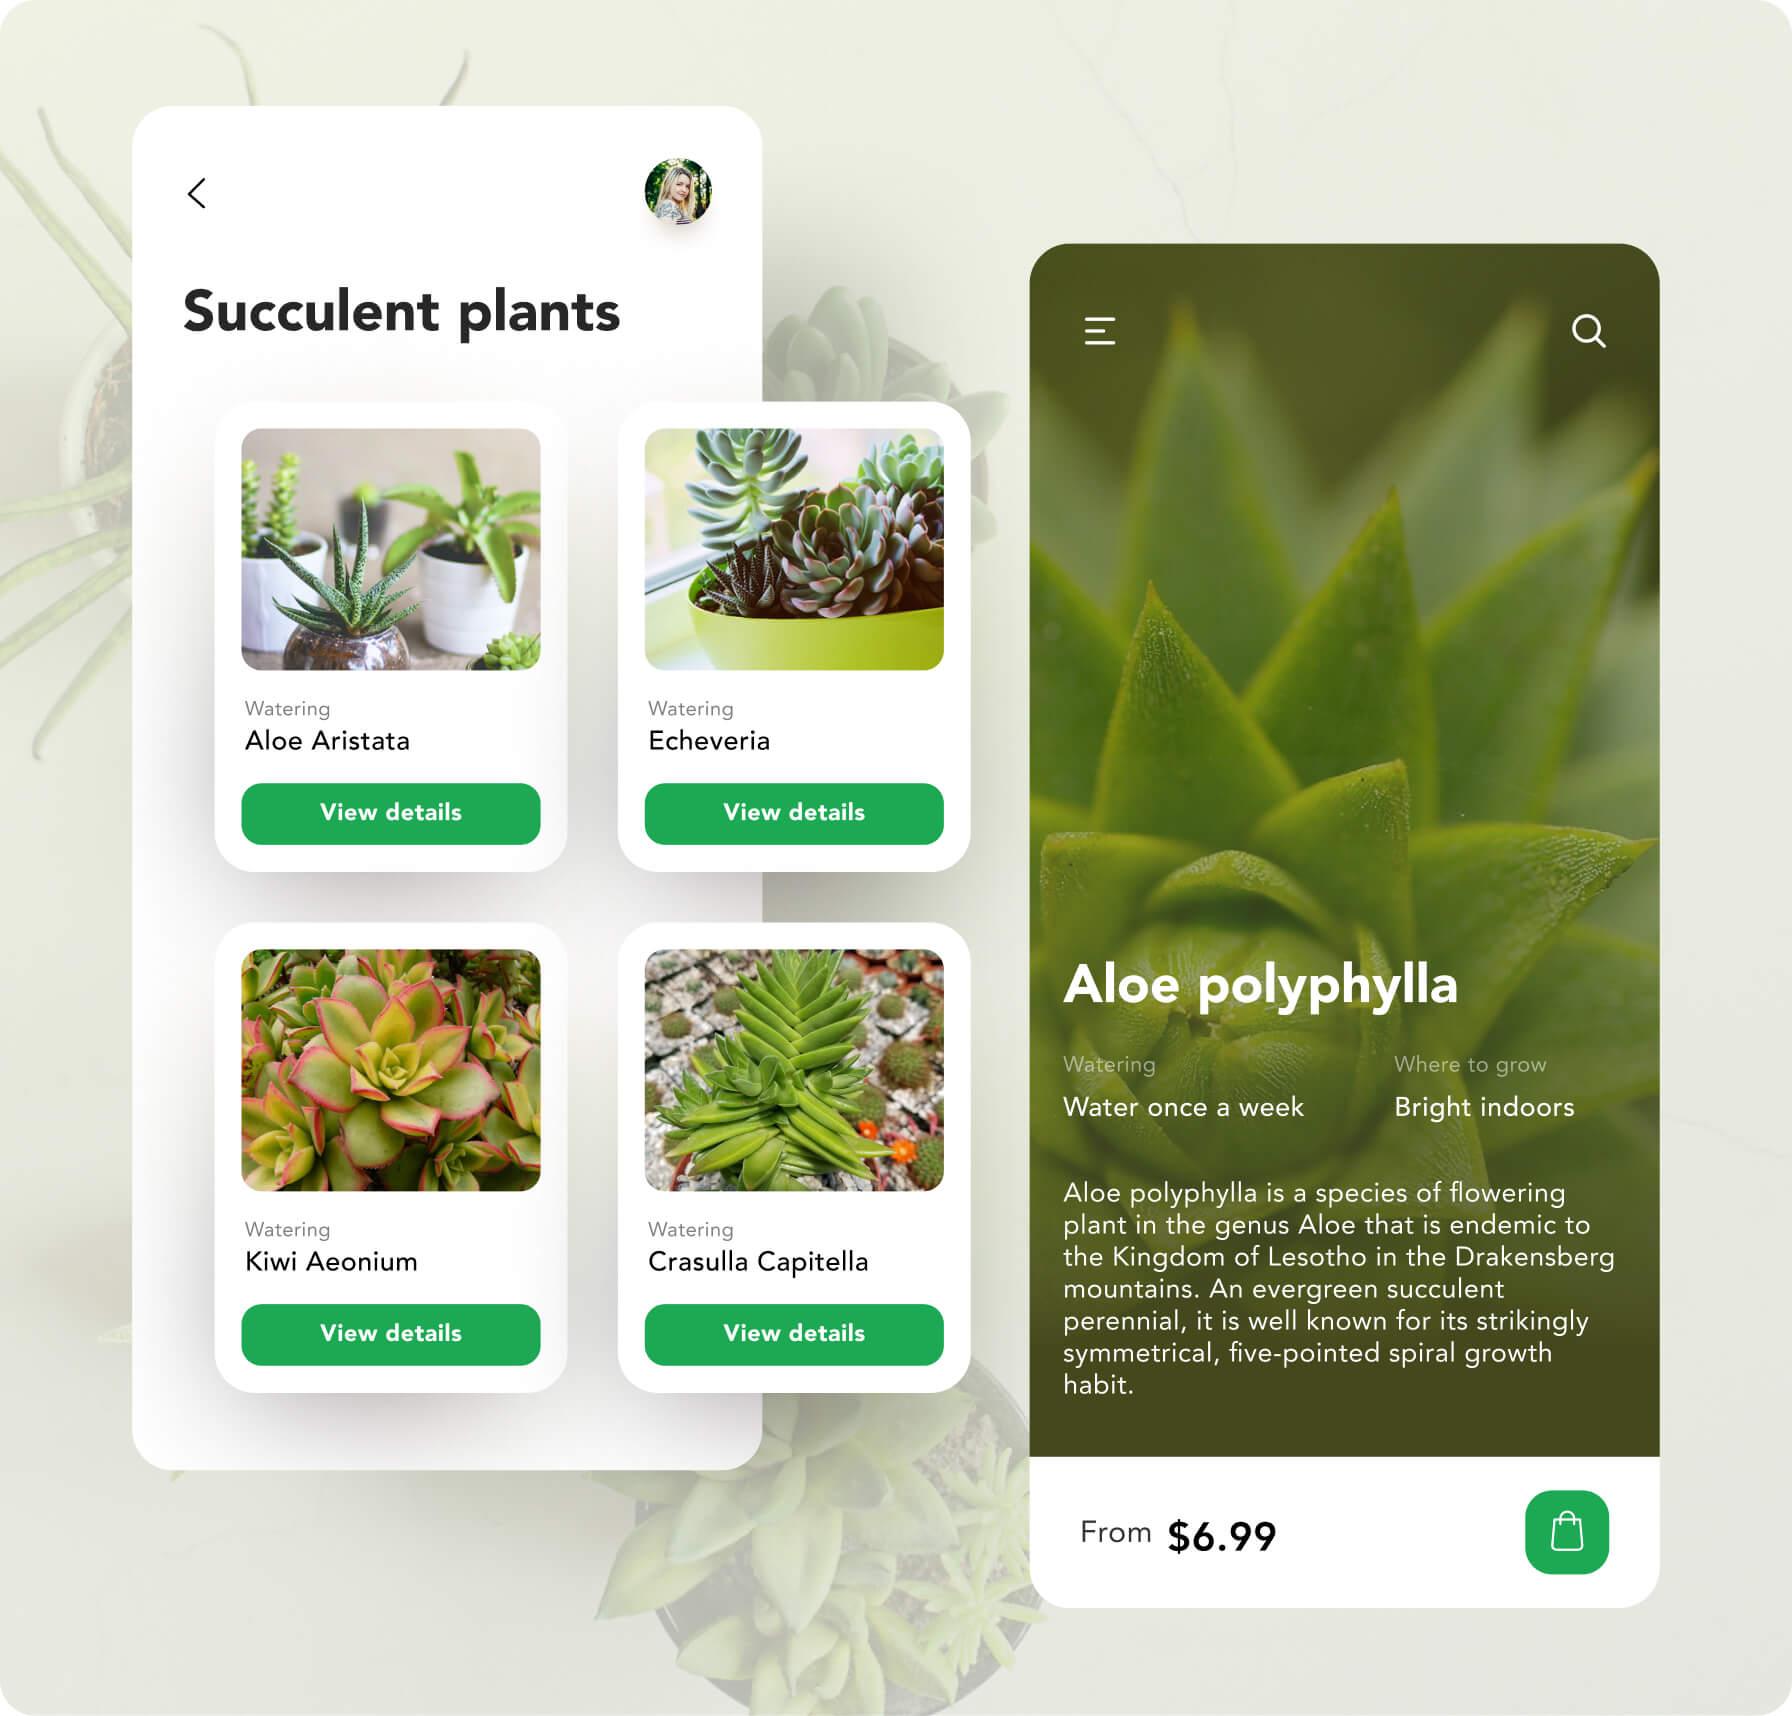 App screens of greenwood nursery